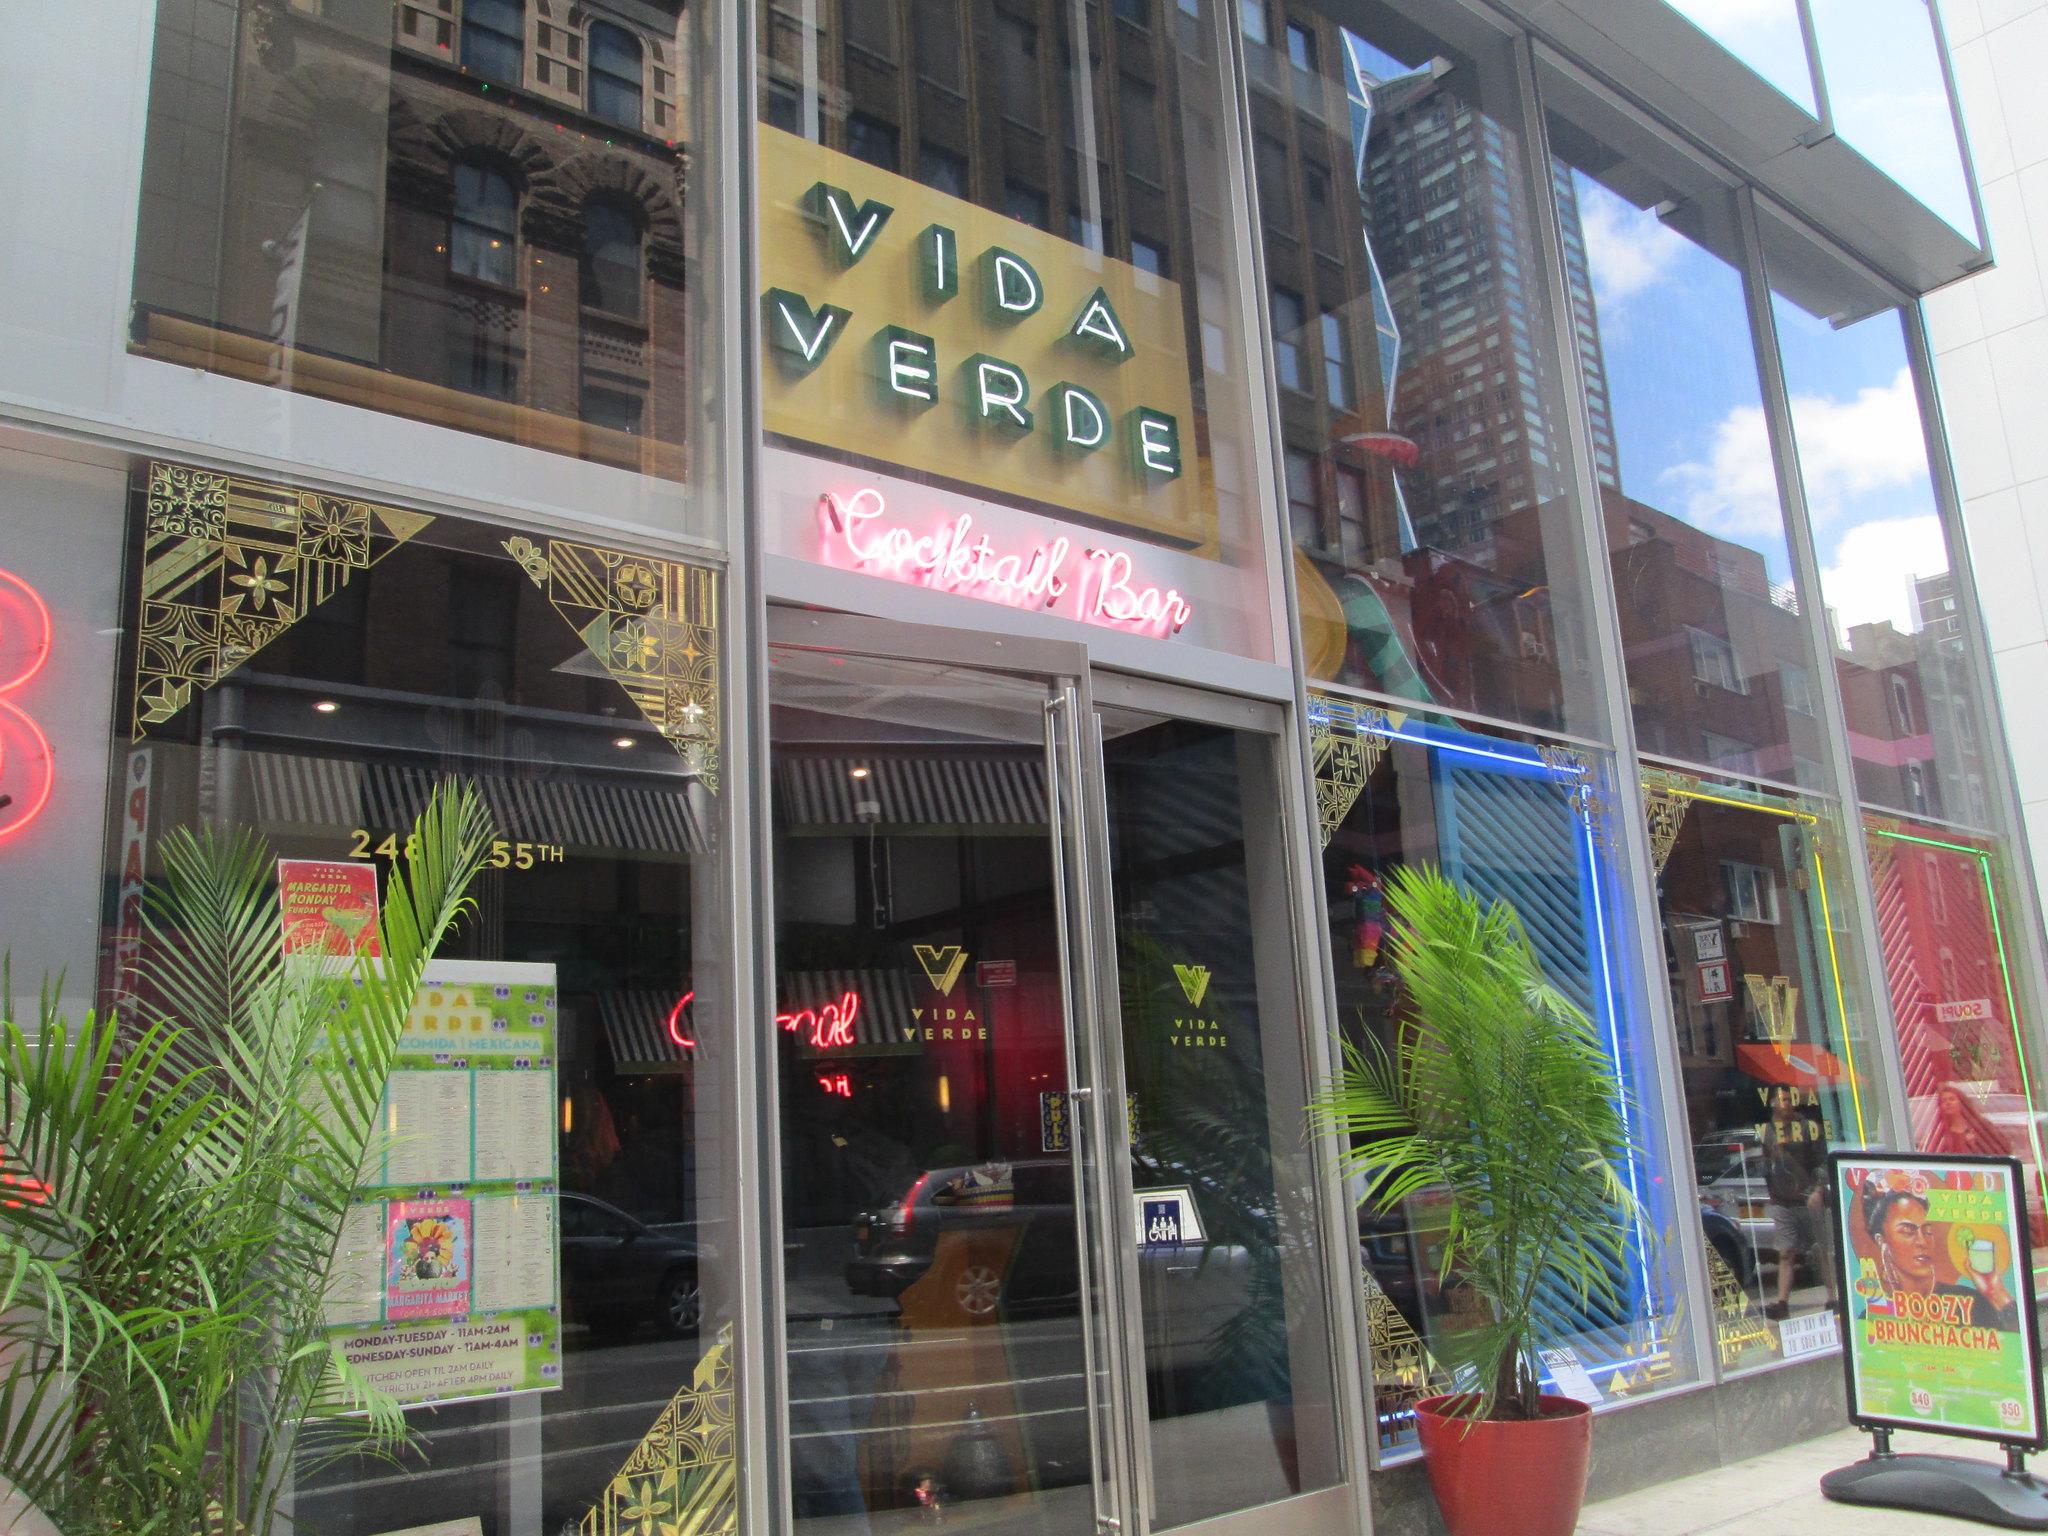 Brunchacha at Vida Verde by Socially Superlative (1)